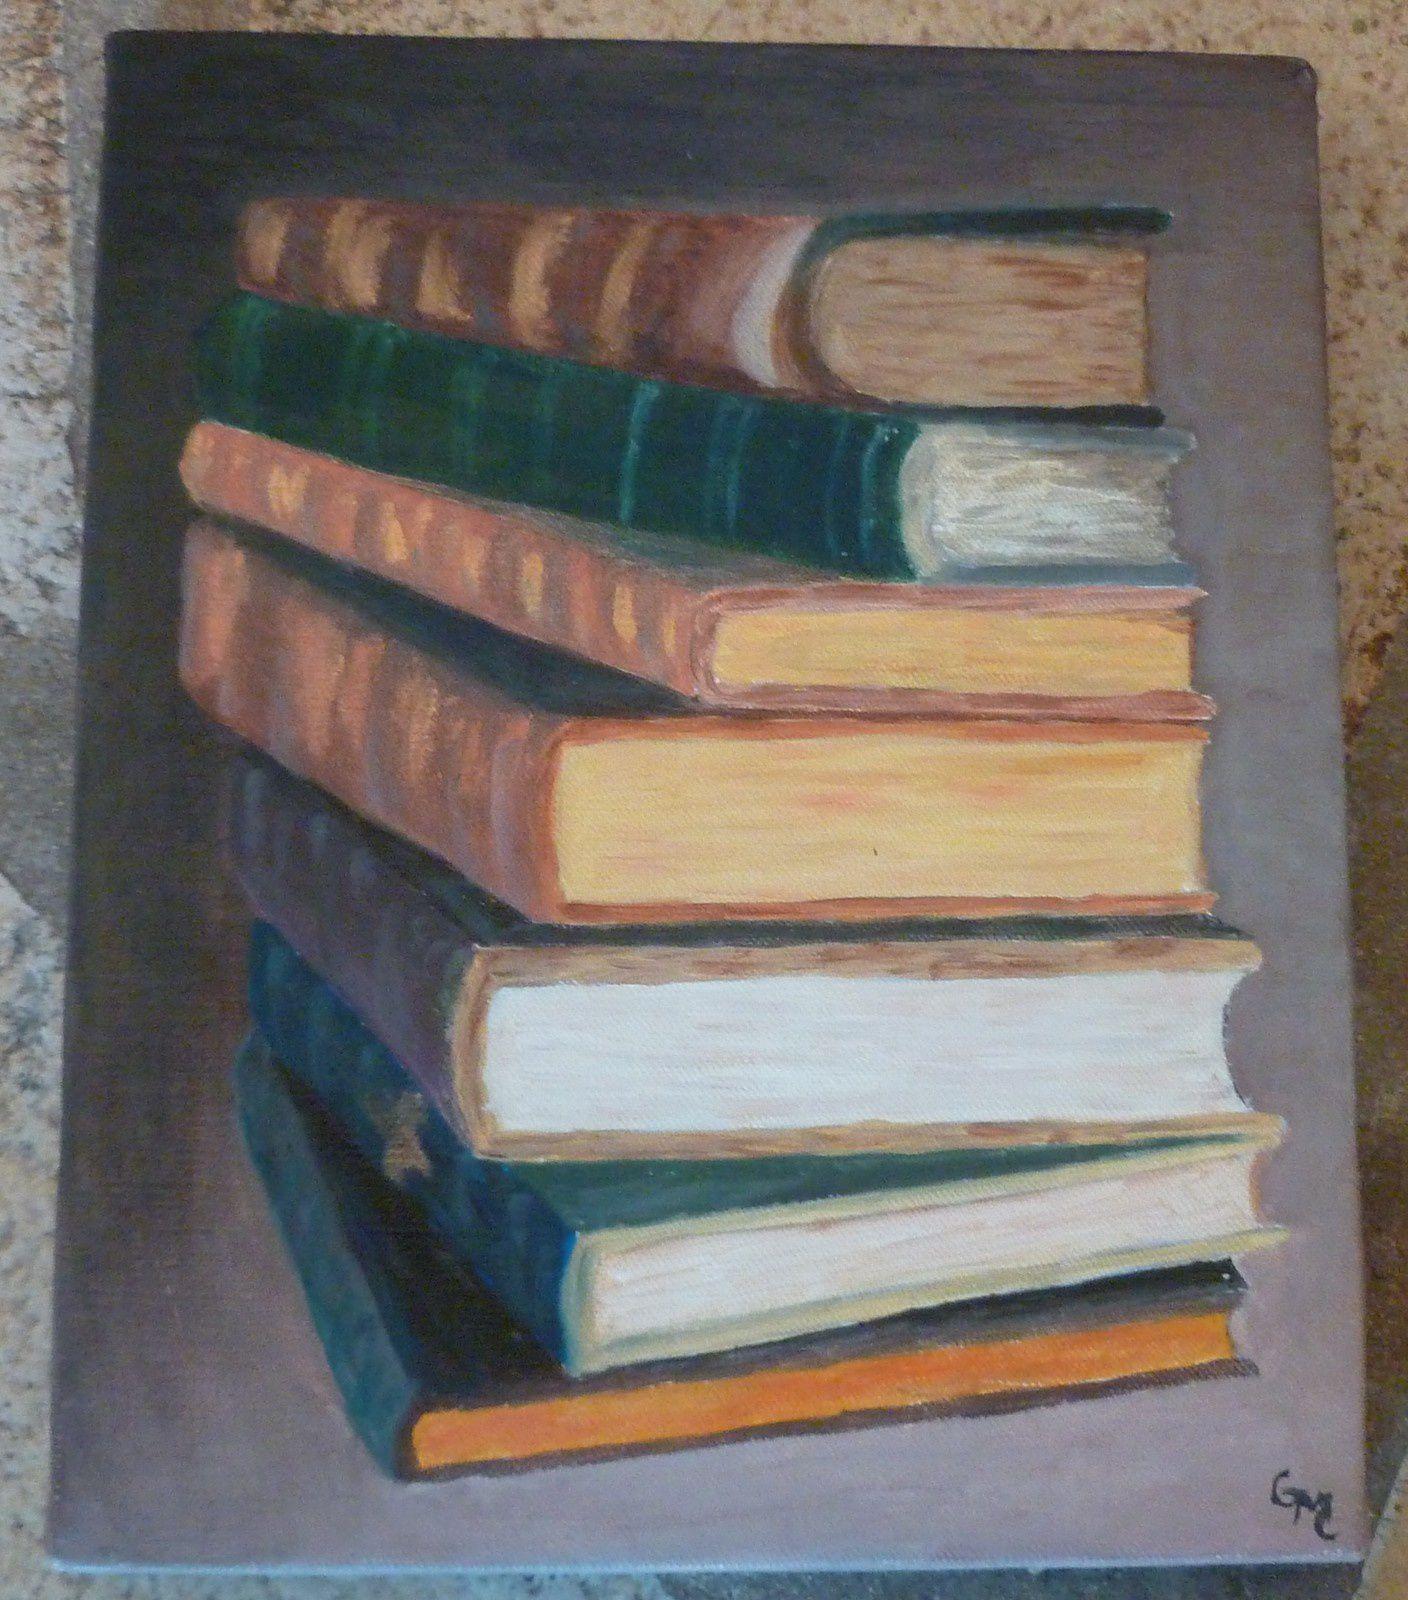 Petit exercise sur toile avec des livres:premiére nature morte.